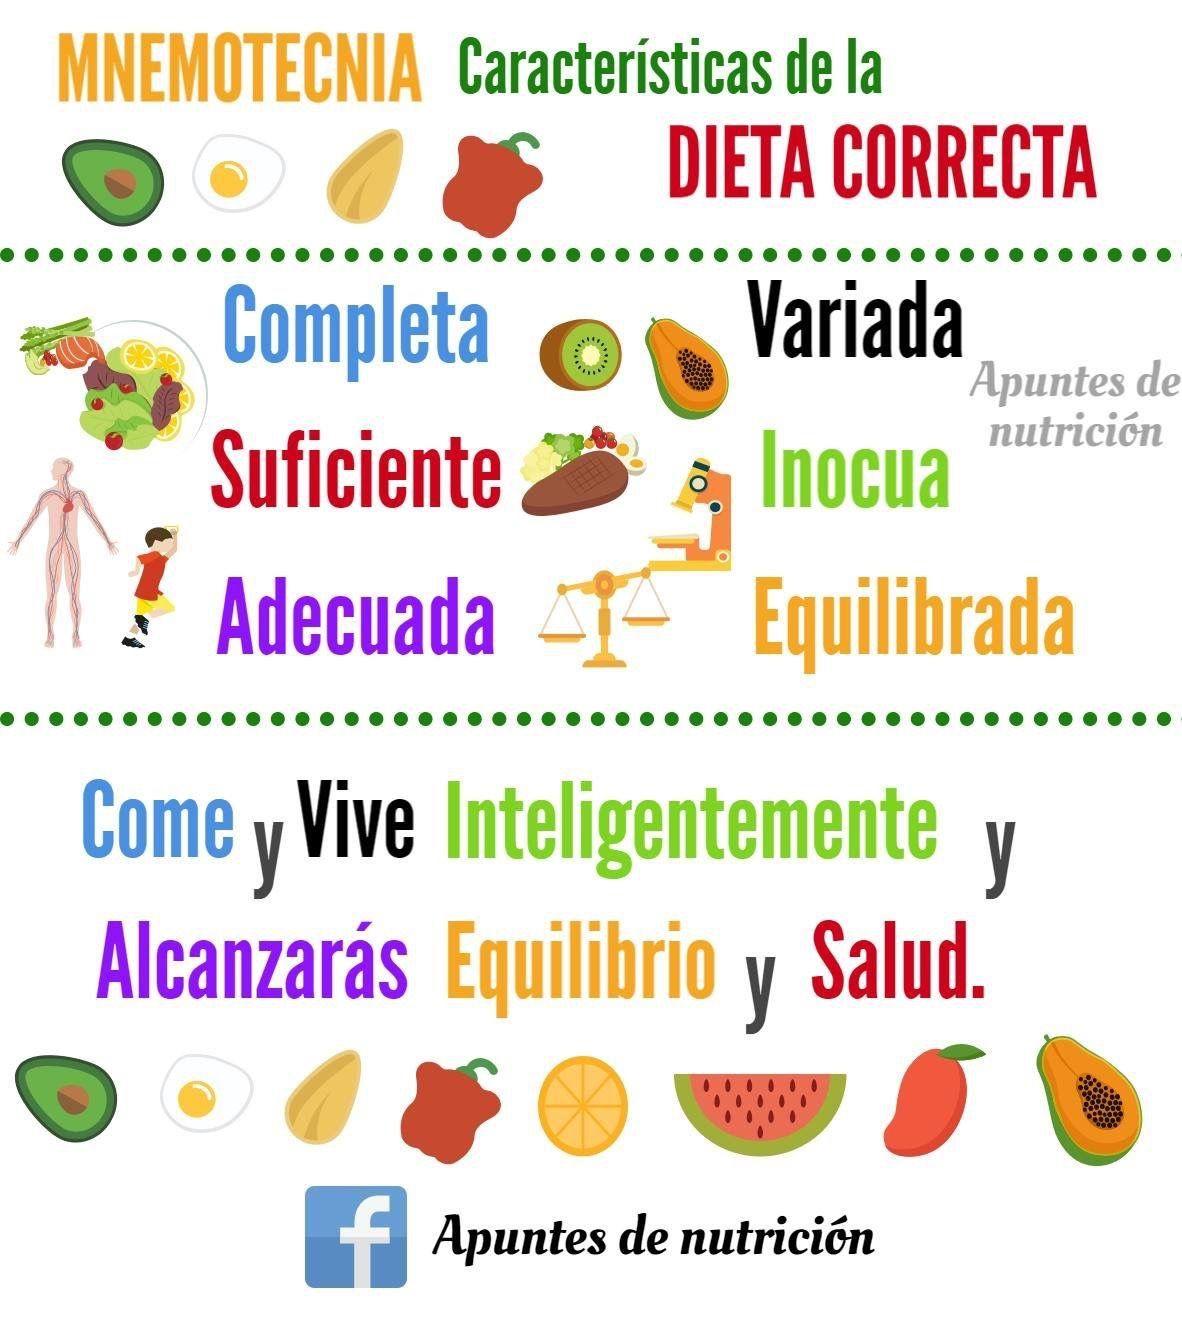 dieta completa variada y equilibrada